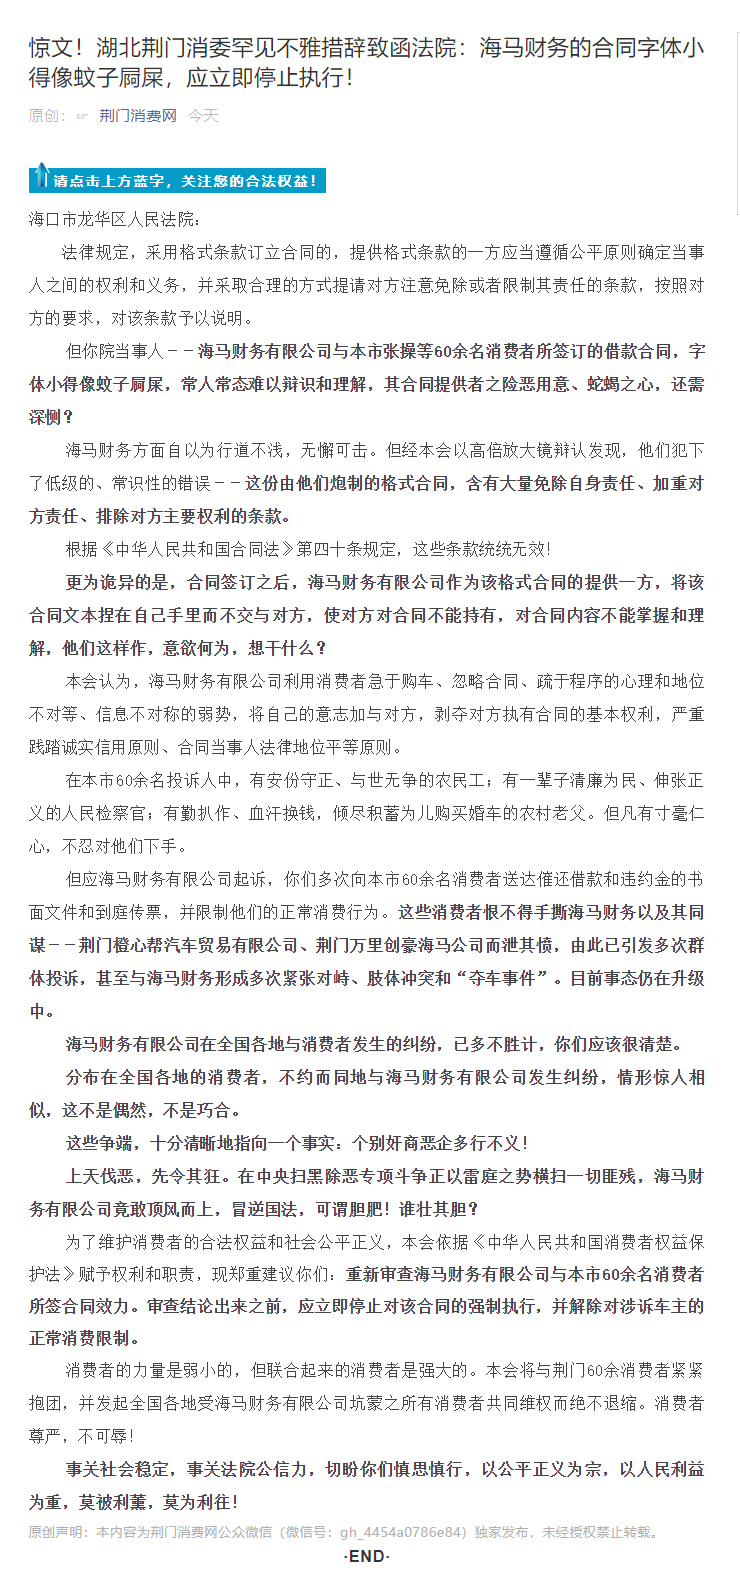 湖北荆门消委喊话海南法院:停止对合同强制执行|购车者